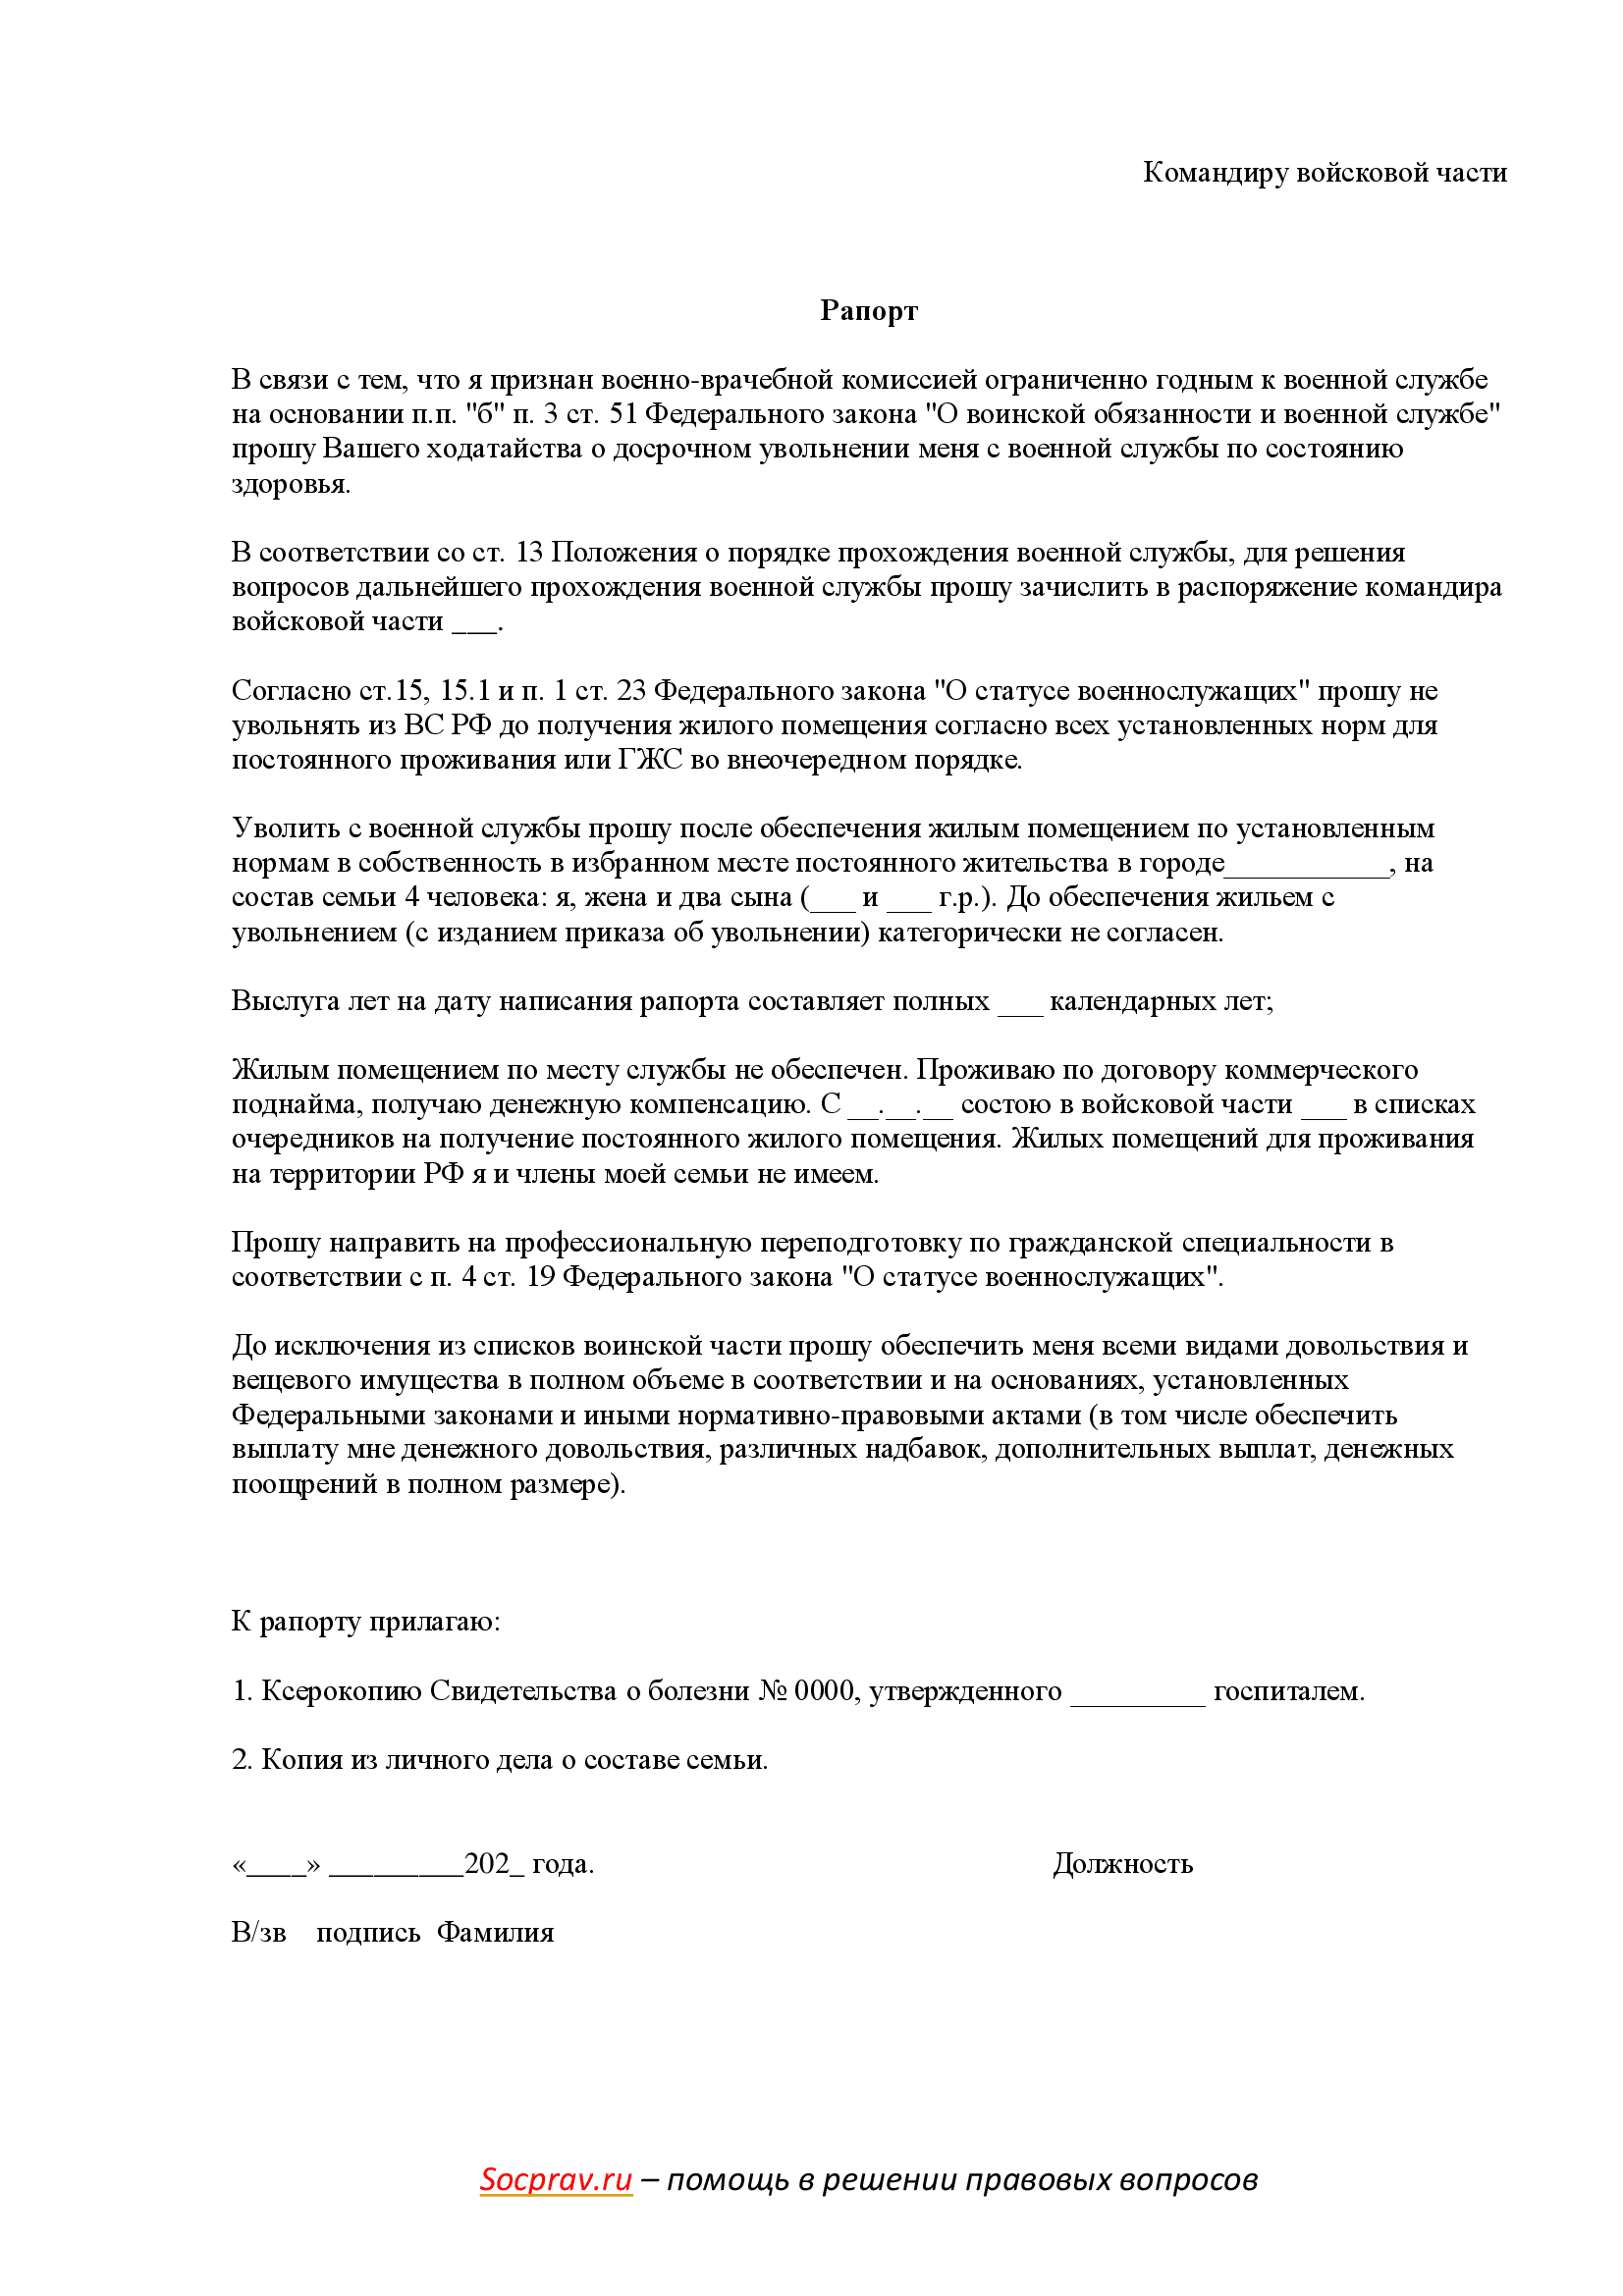 Рапорт об увольнении военнослужащего по состоянию здоровья